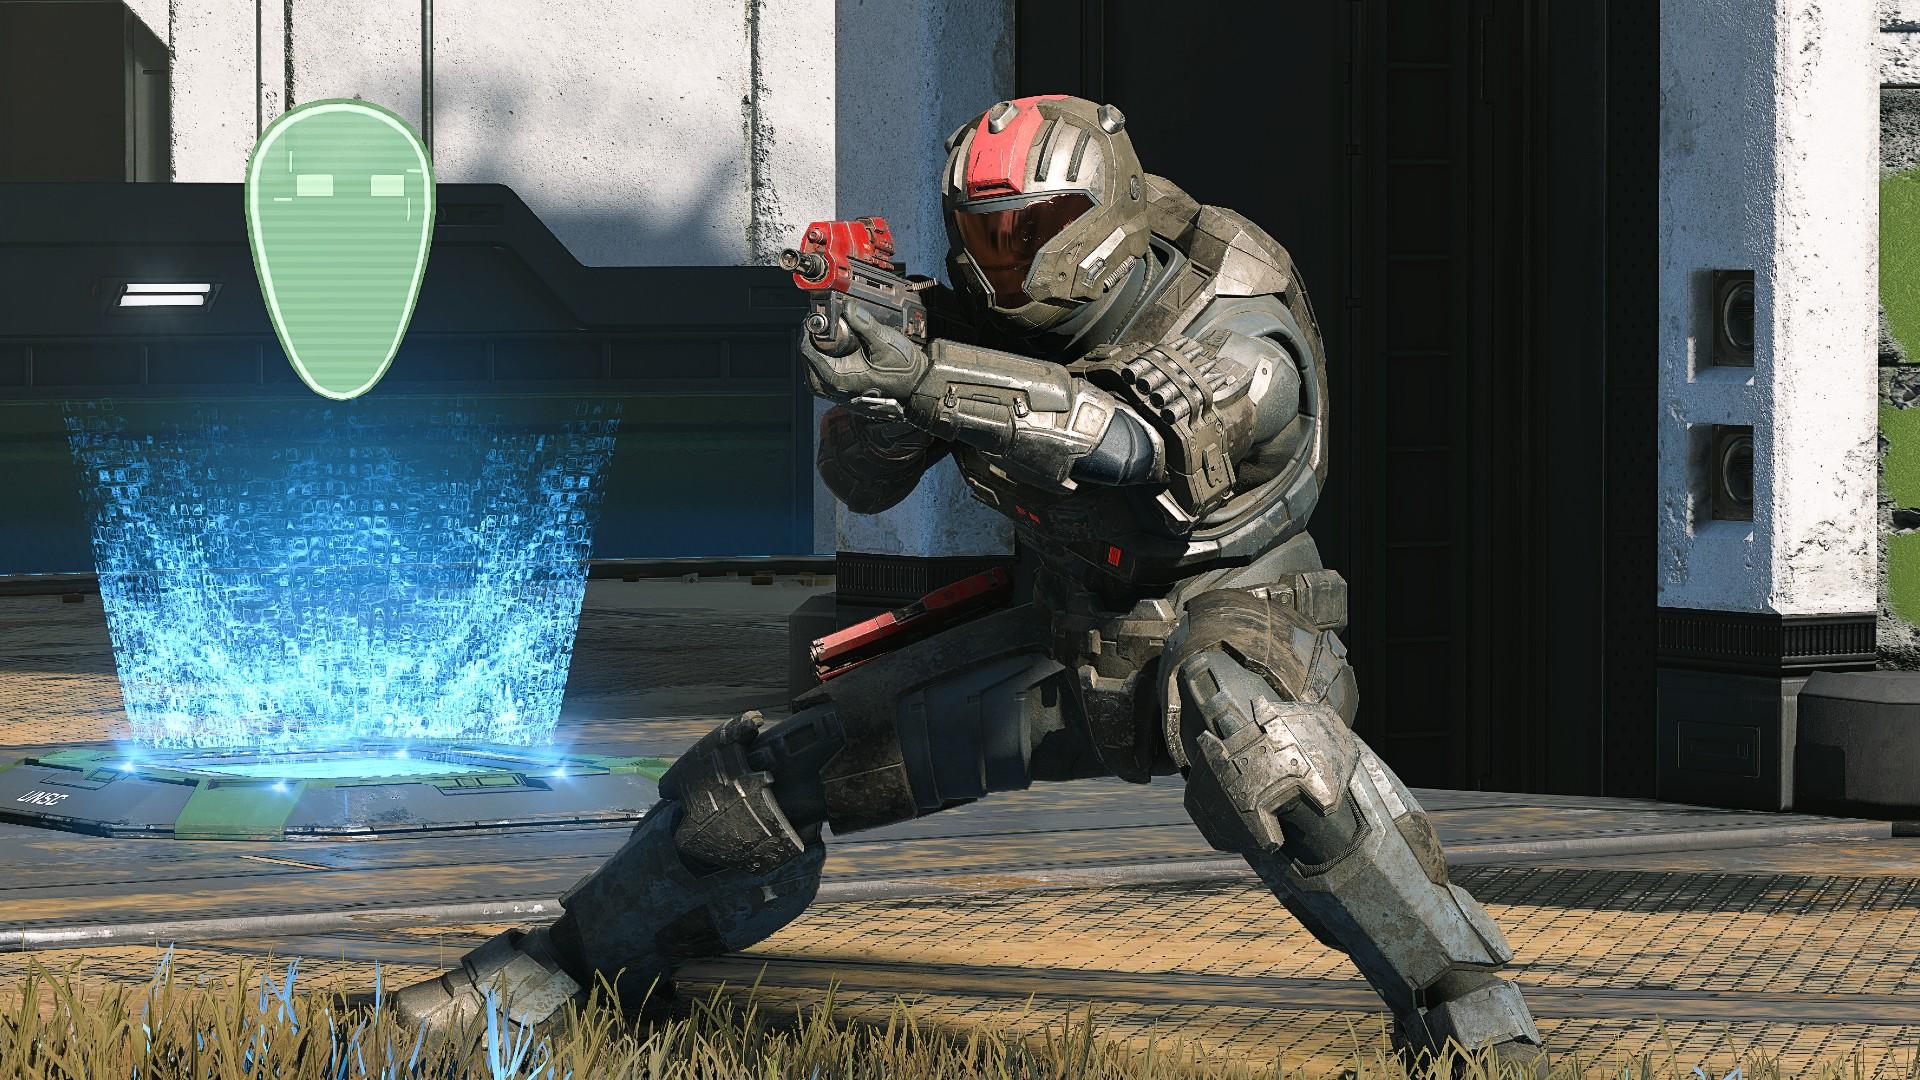 Halo: Infinite's multiplayer beta start date isn't locked in just yet